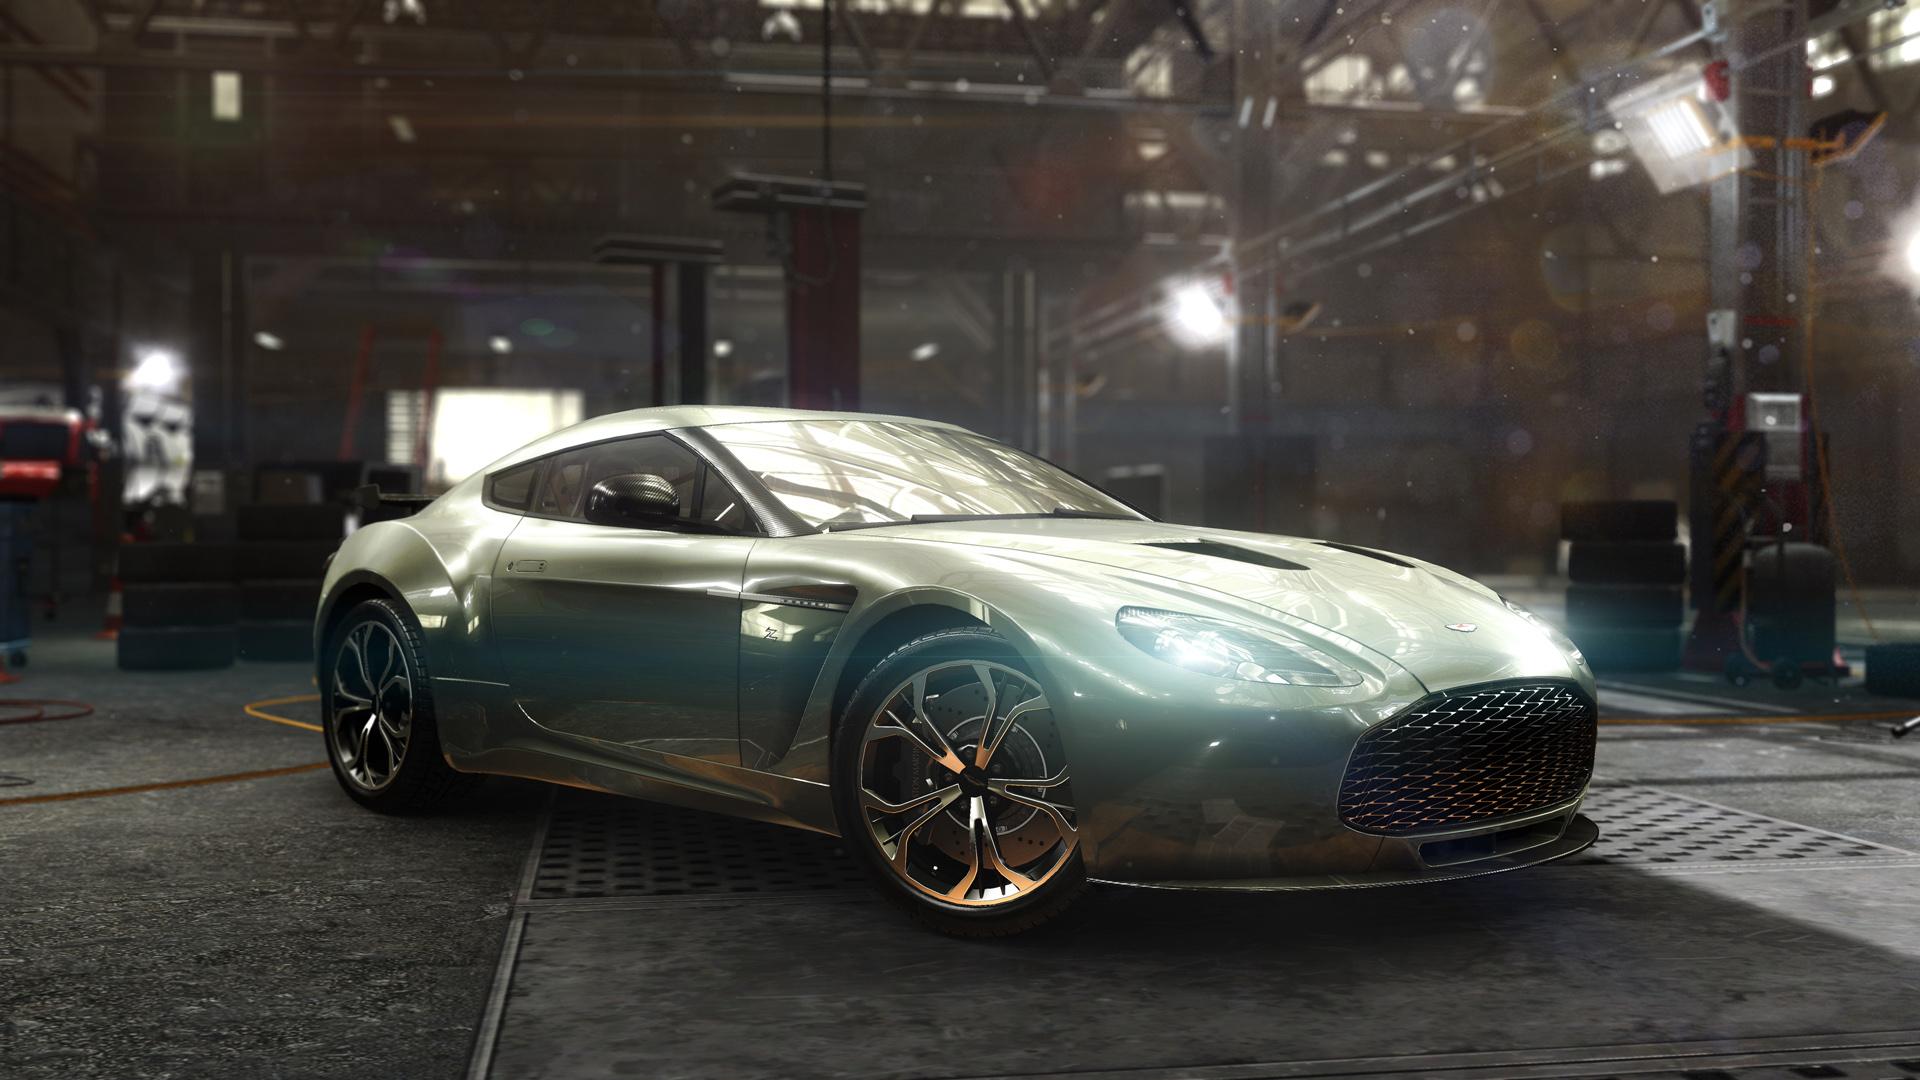 The-Crew-Aston-Martin